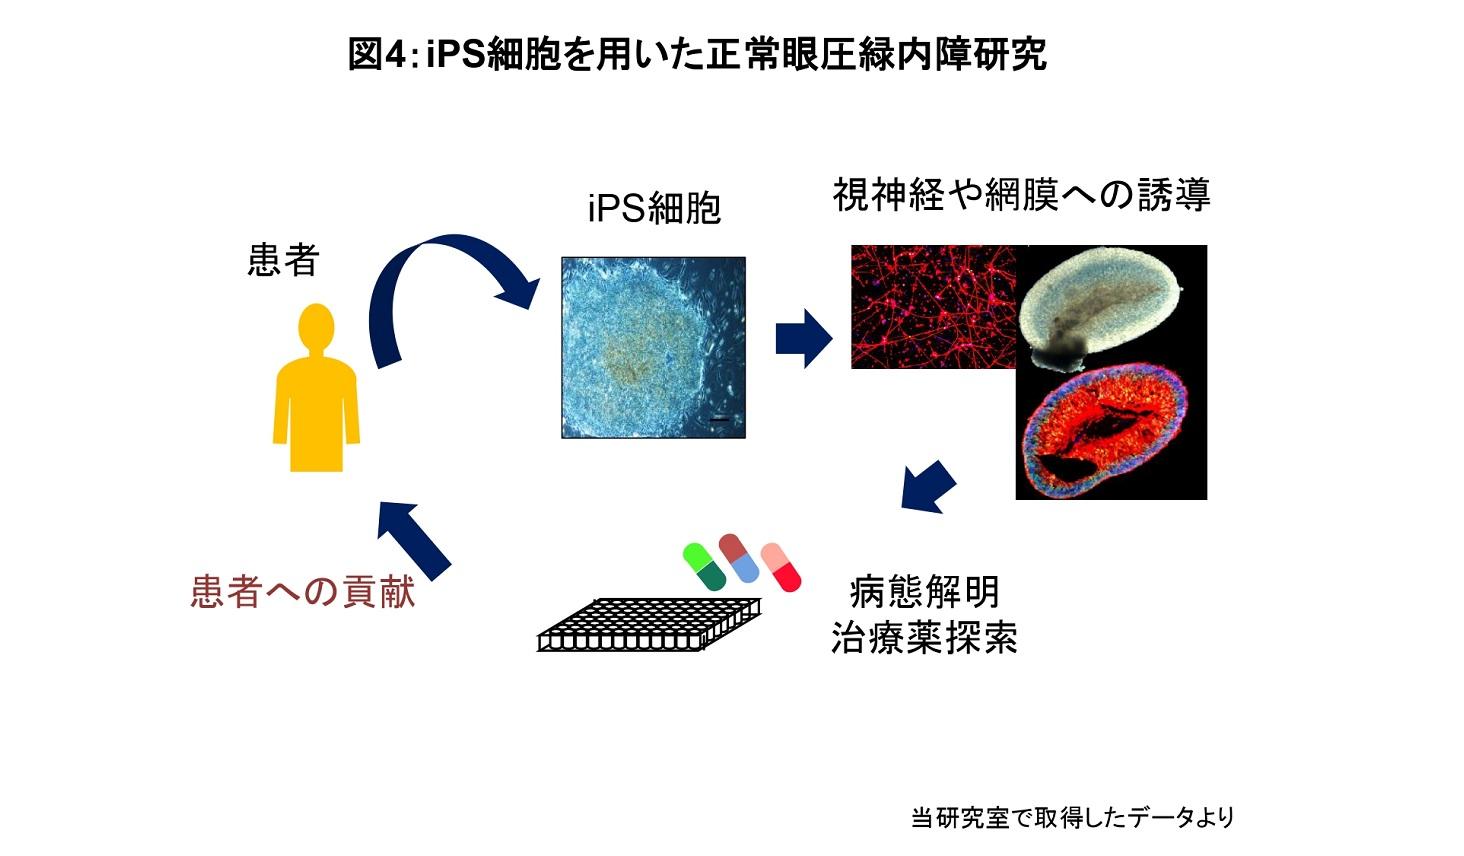 iPS細胞を用いた研究の図